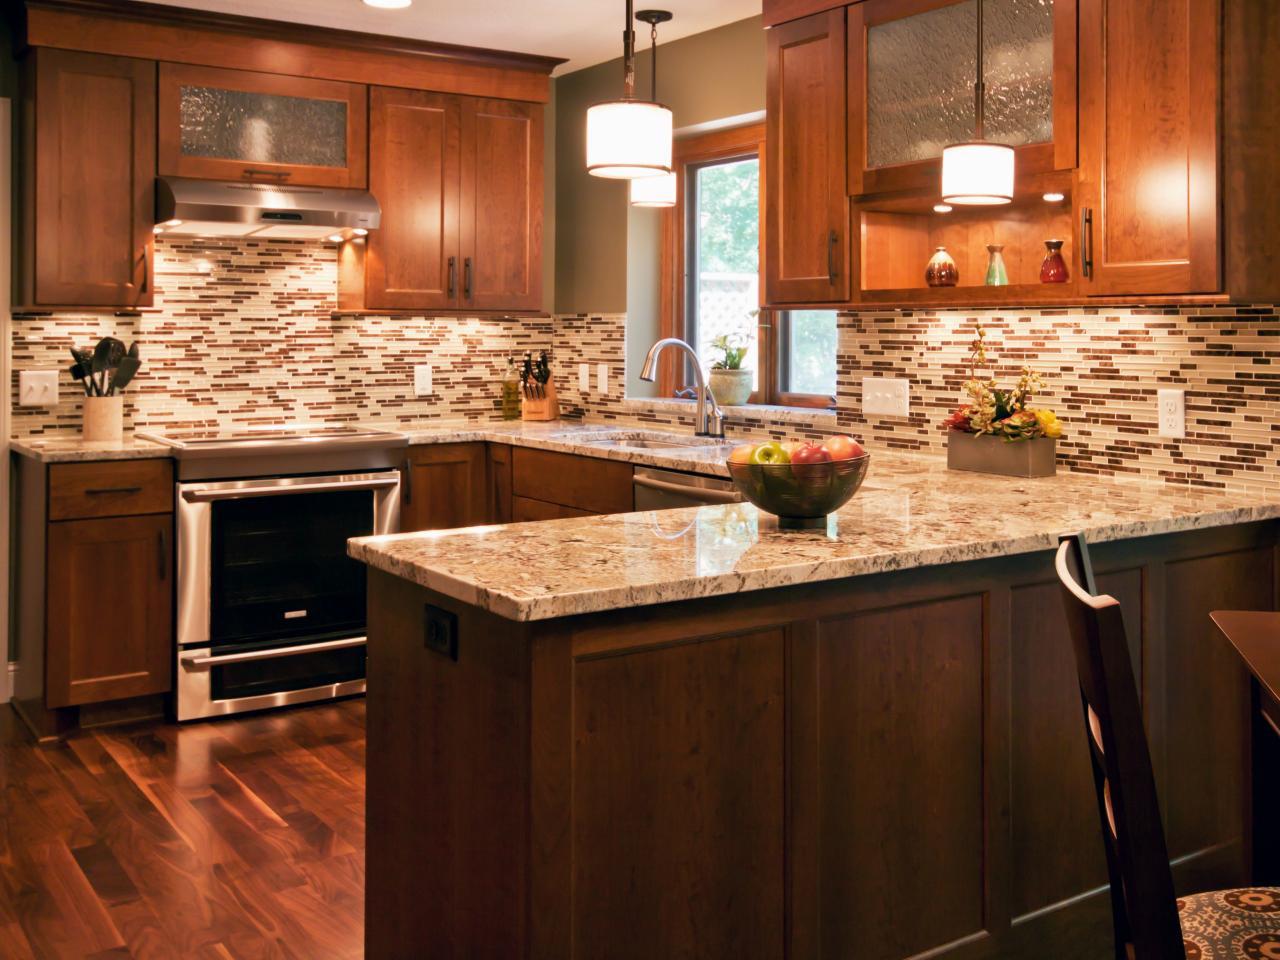 Tile Backsplash Kitchen  75 Kitchen Backsplash Ideas for 2020 Tile Glass Metal etc